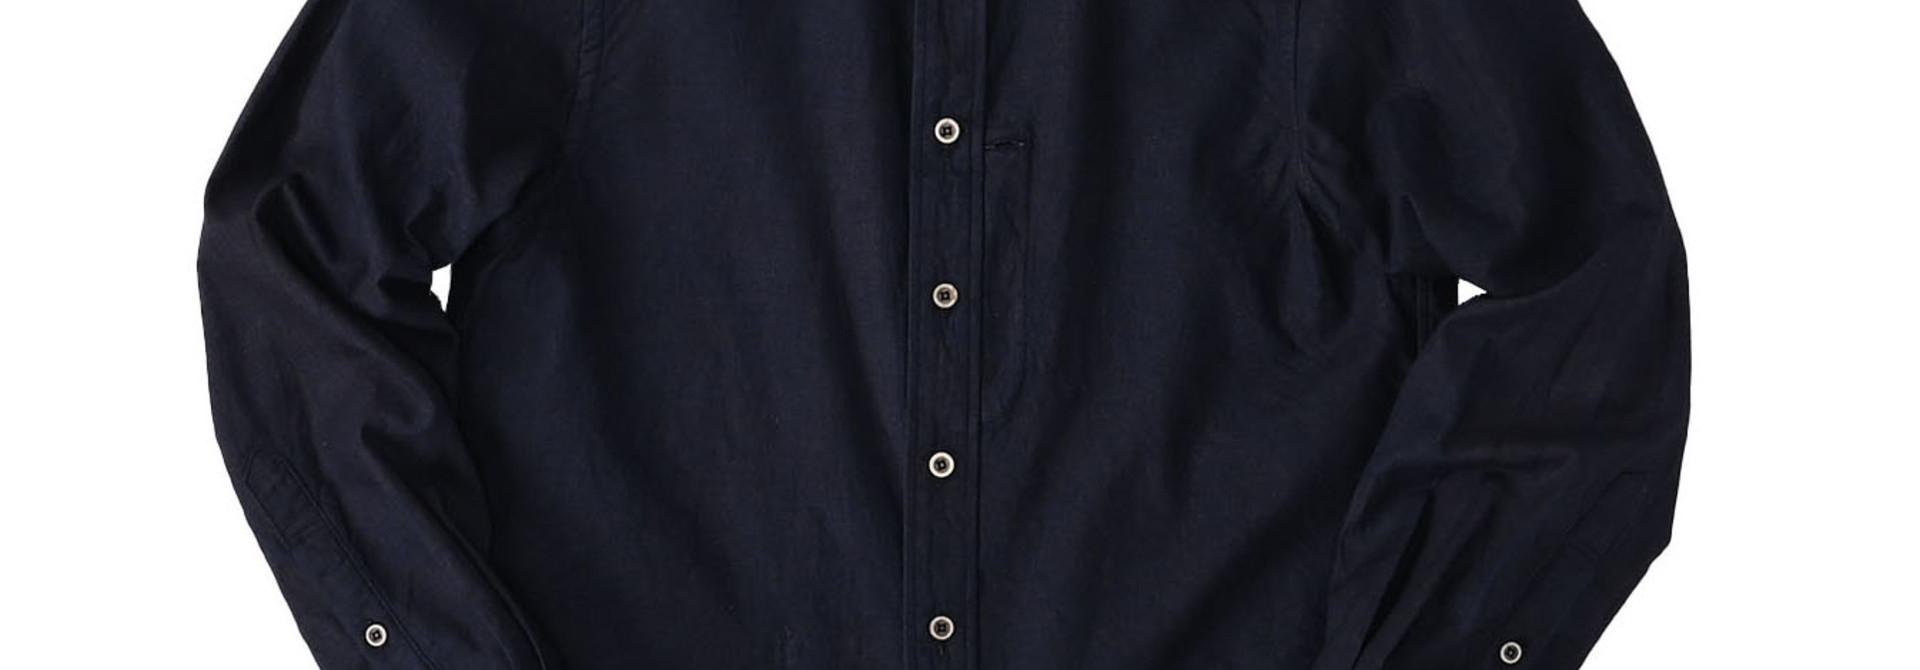 Indigo Double Woven 908 Loafer Shirt (0421)